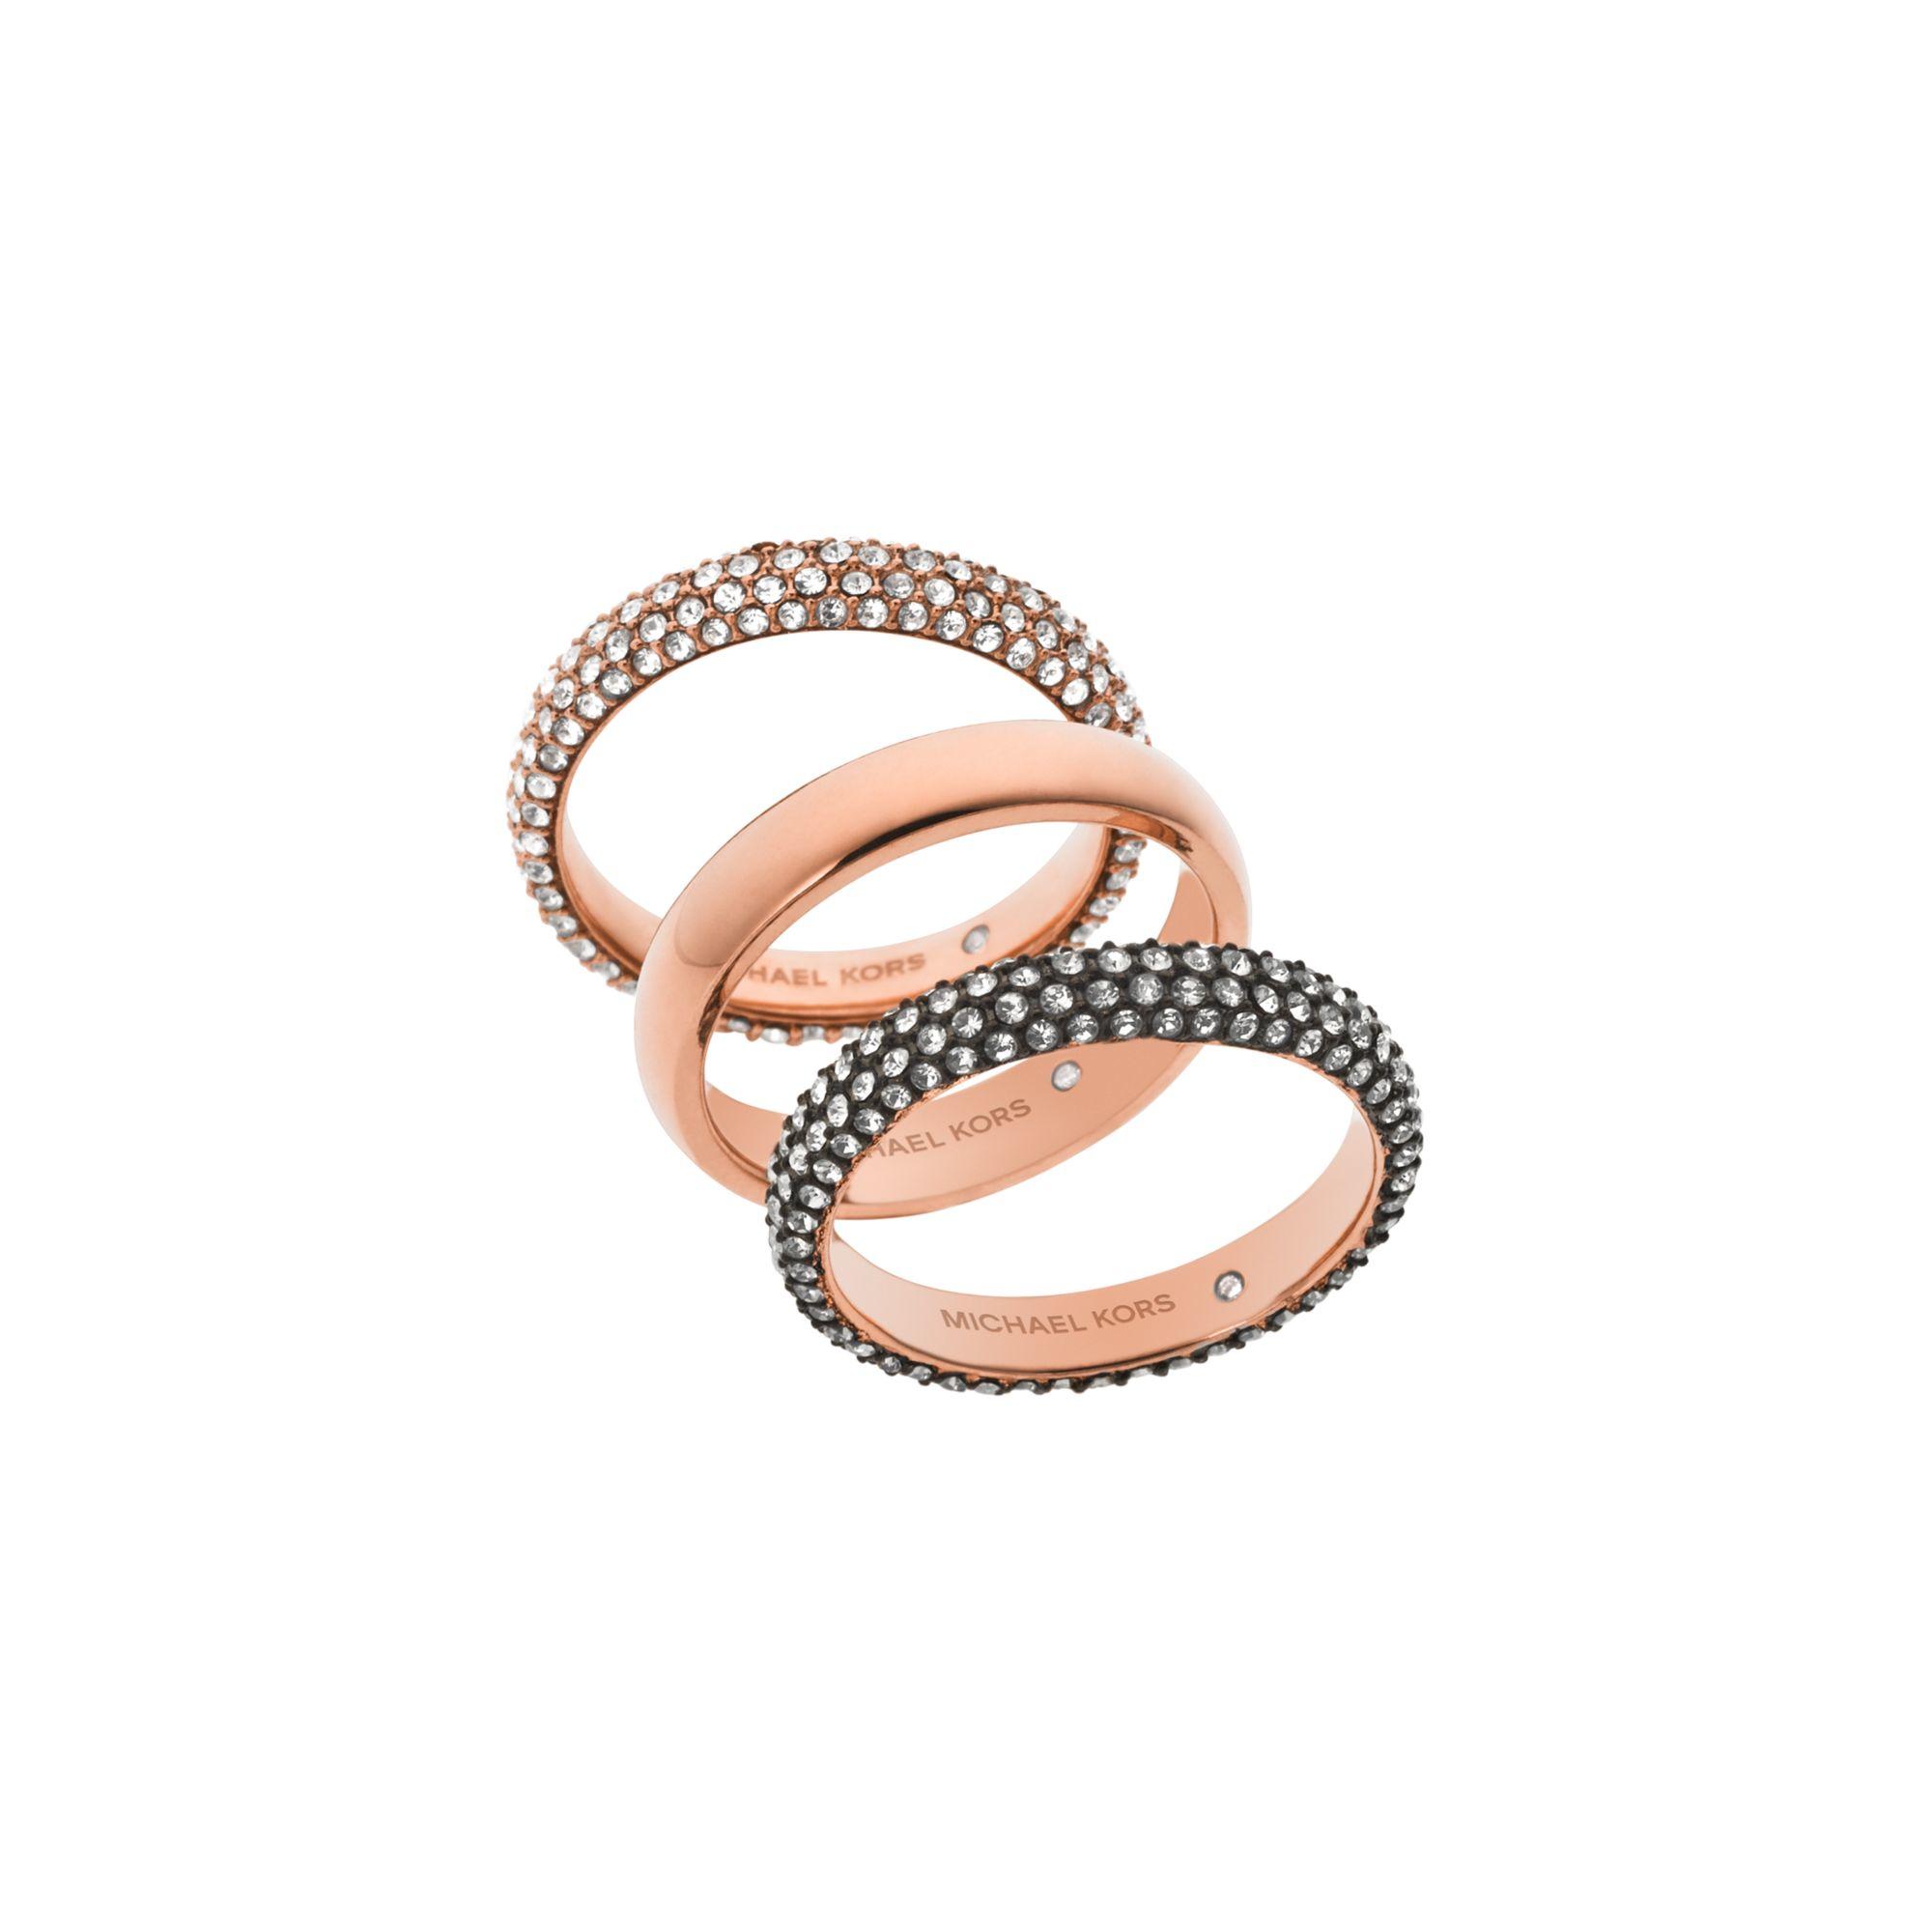 michael kors pav rose gold tone ring stack in pink lyst. Black Bedroom Furniture Sets. Home Design Ideas